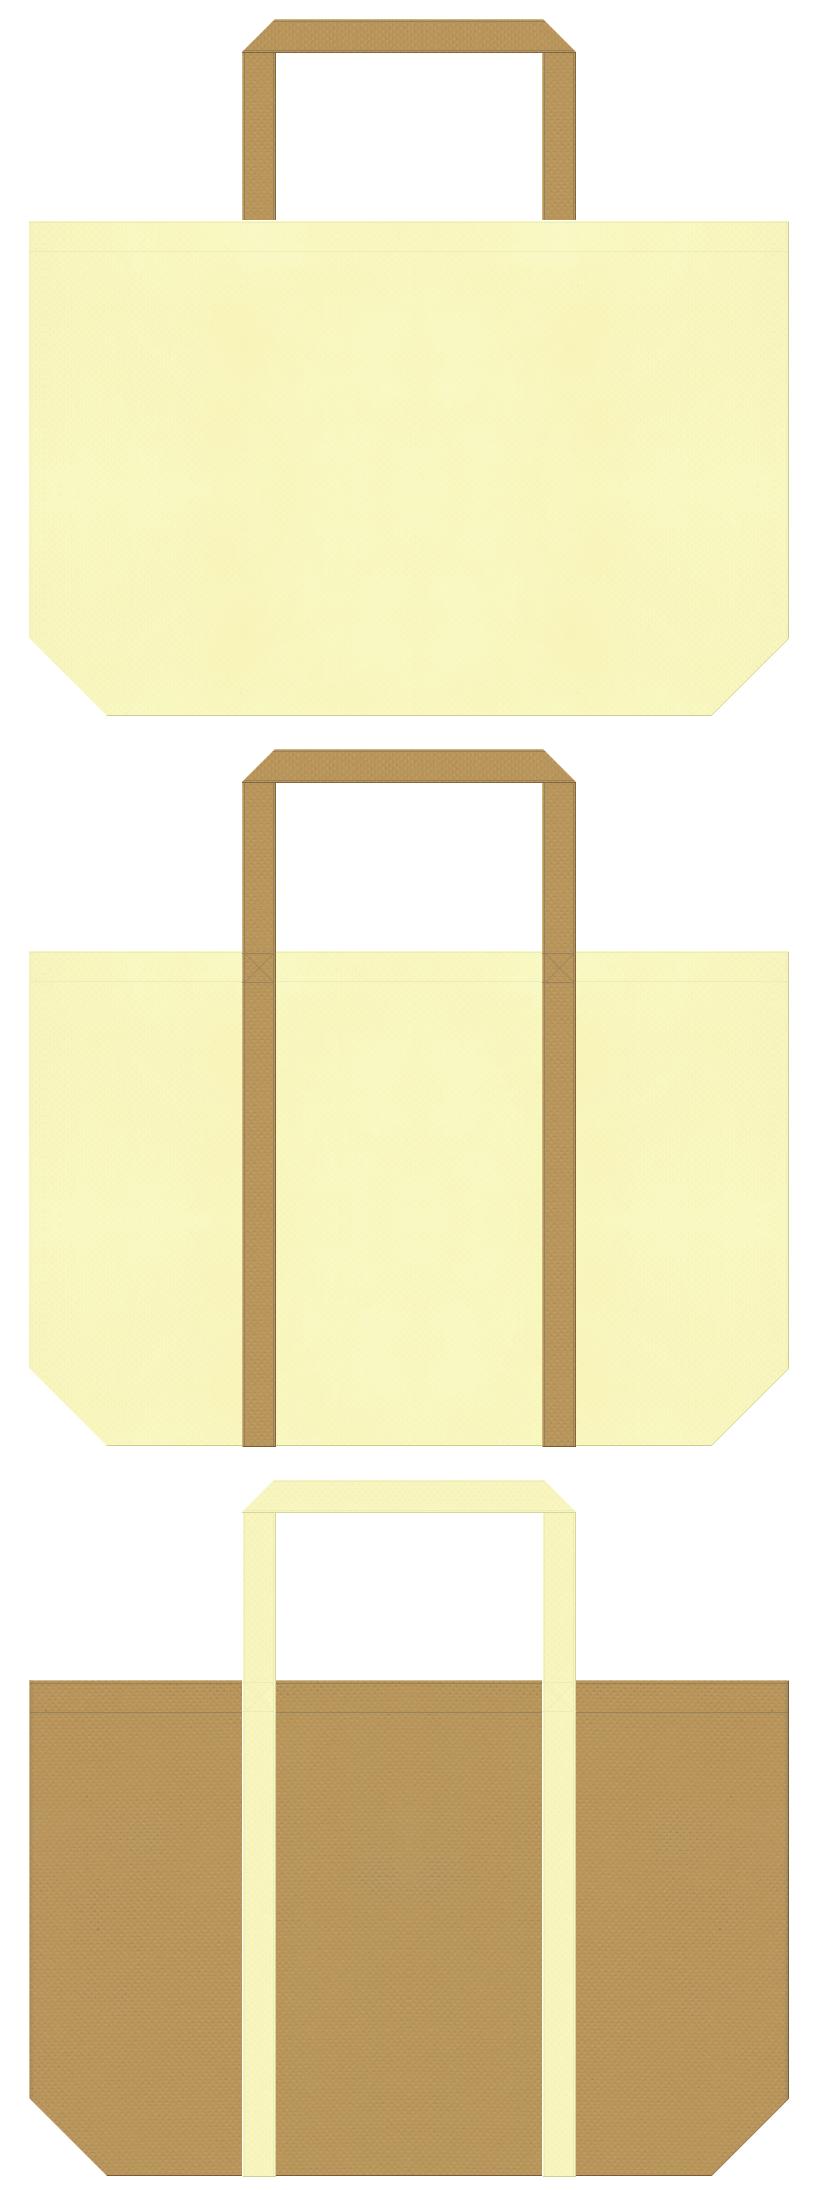 薄黄色と金黄土色の不織布マイバッグデザイン。ベーカリーのショッピングバッグにお奨めです。